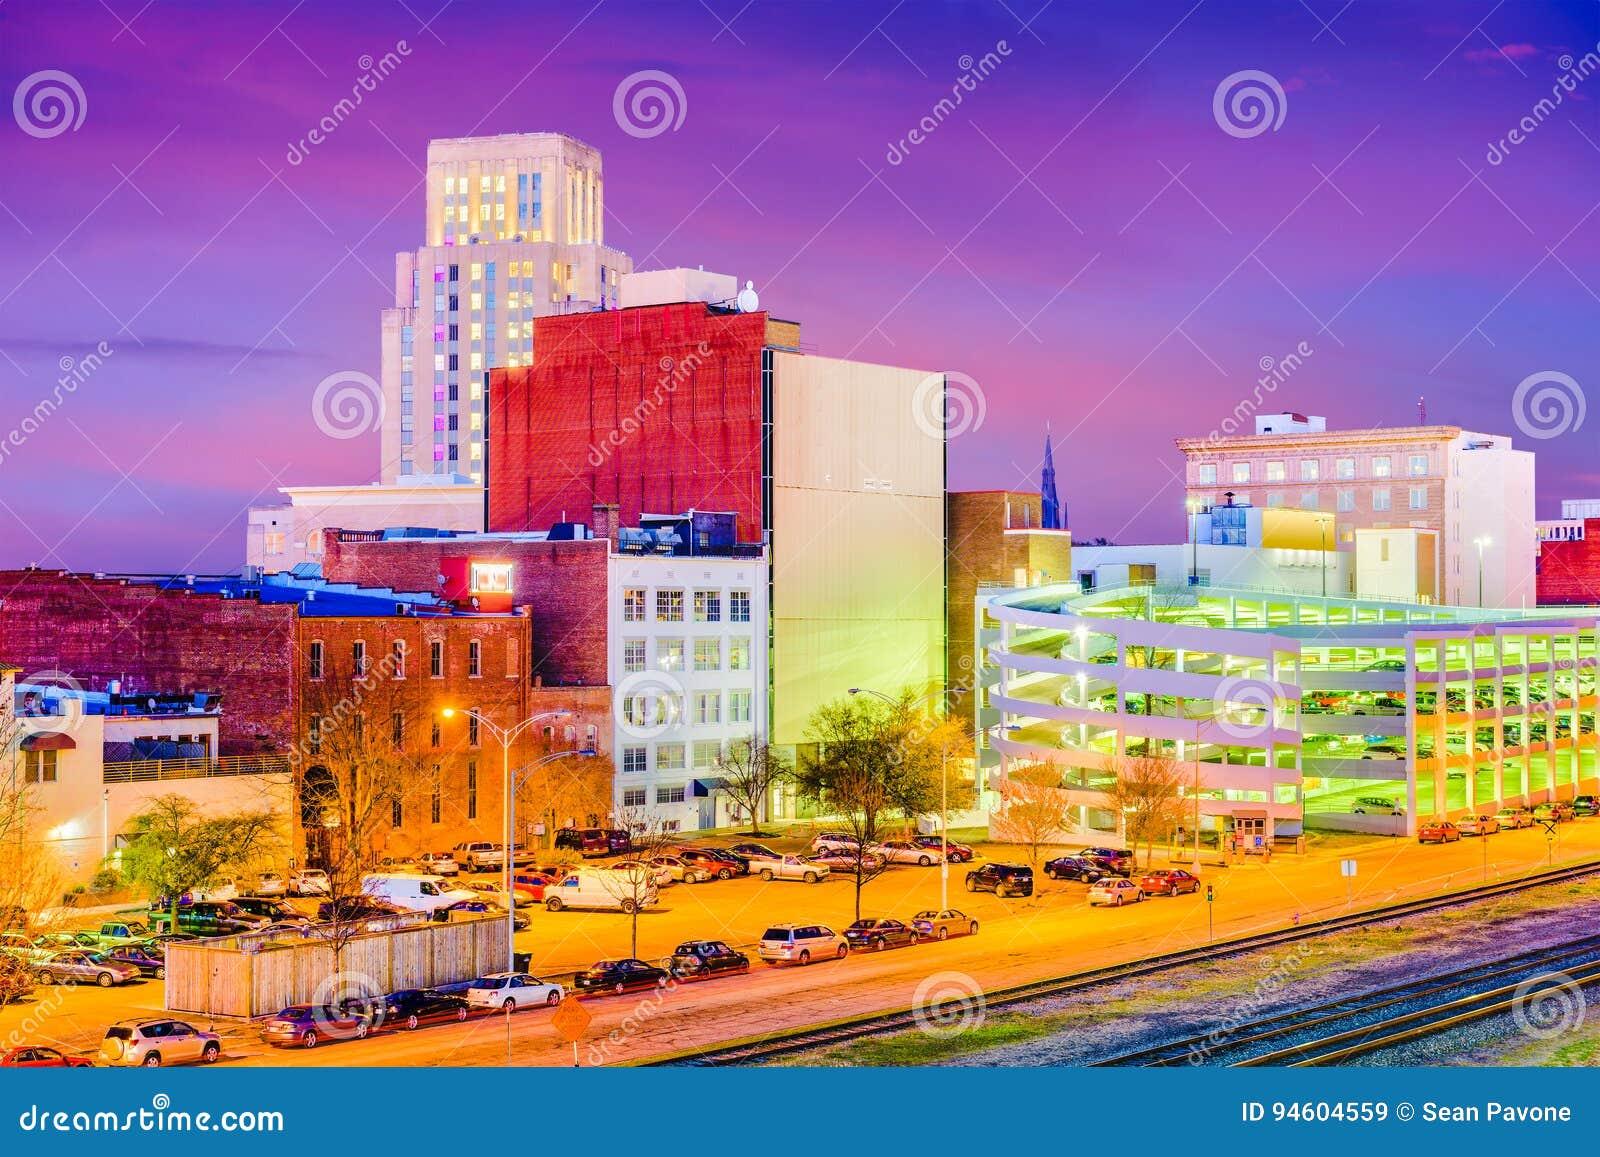 Durham, North Carolina, USA